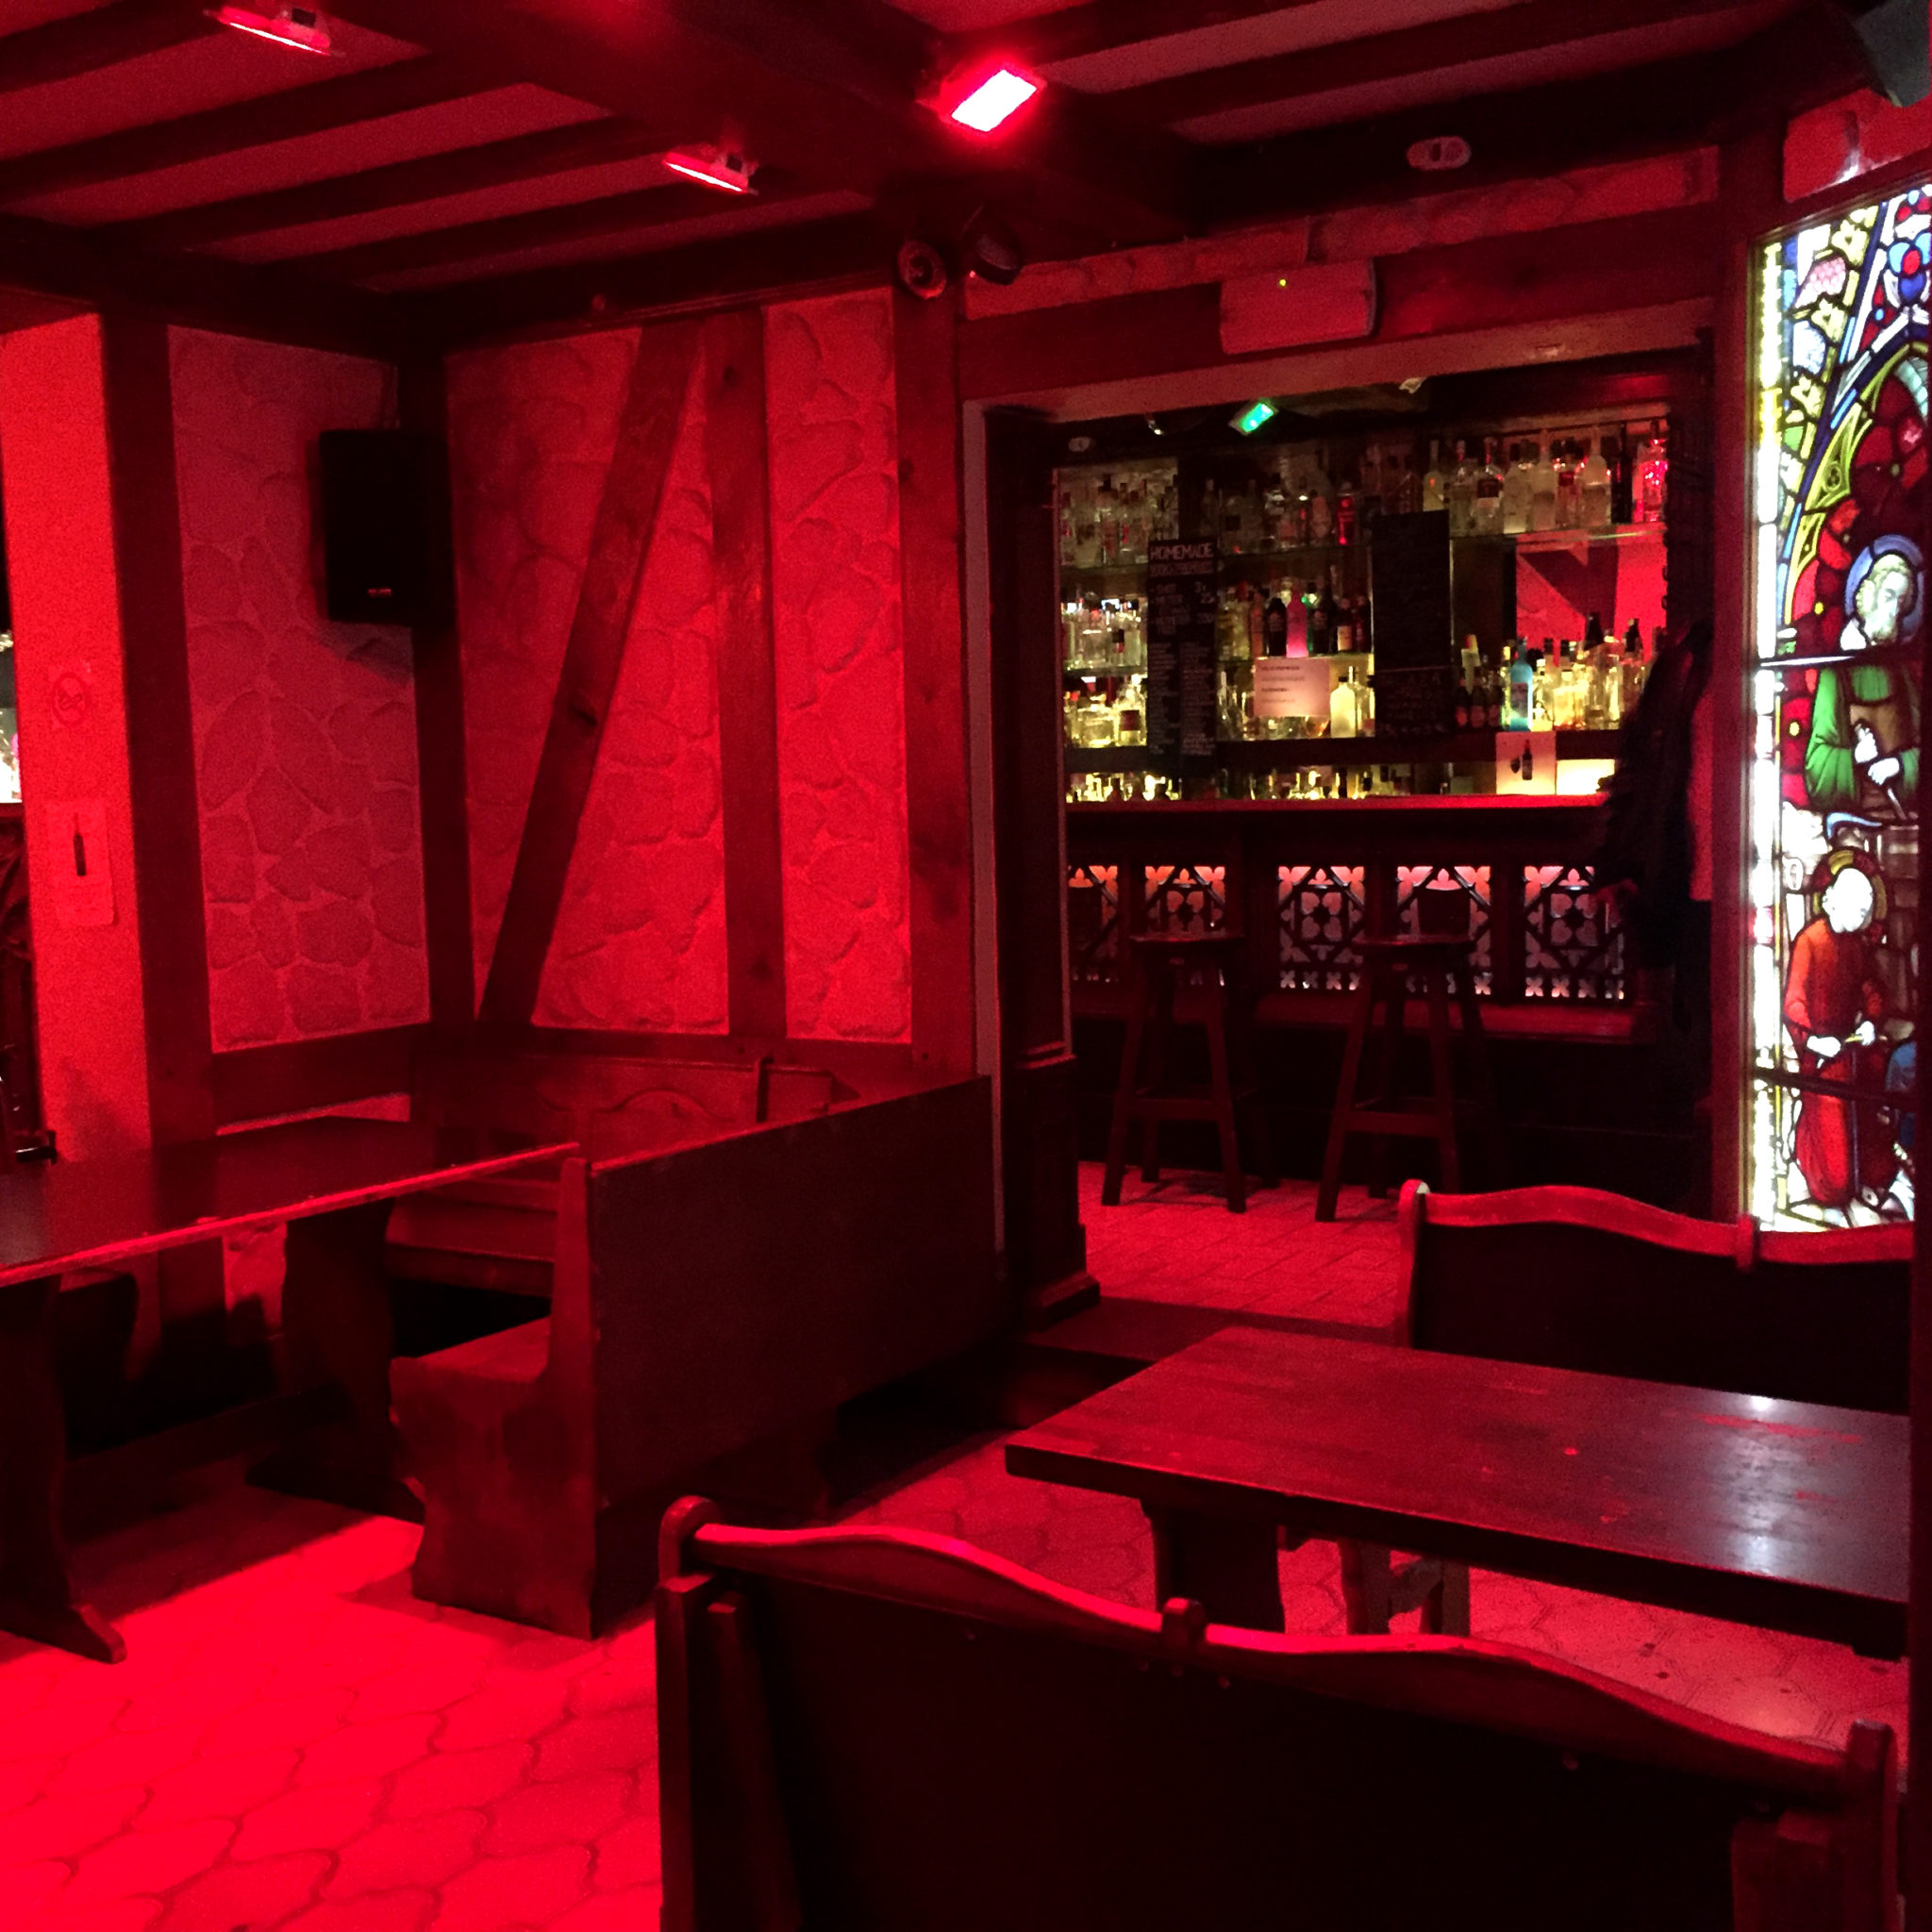 Hema_Bruxelles_bonnes_adresses_delirium_bar